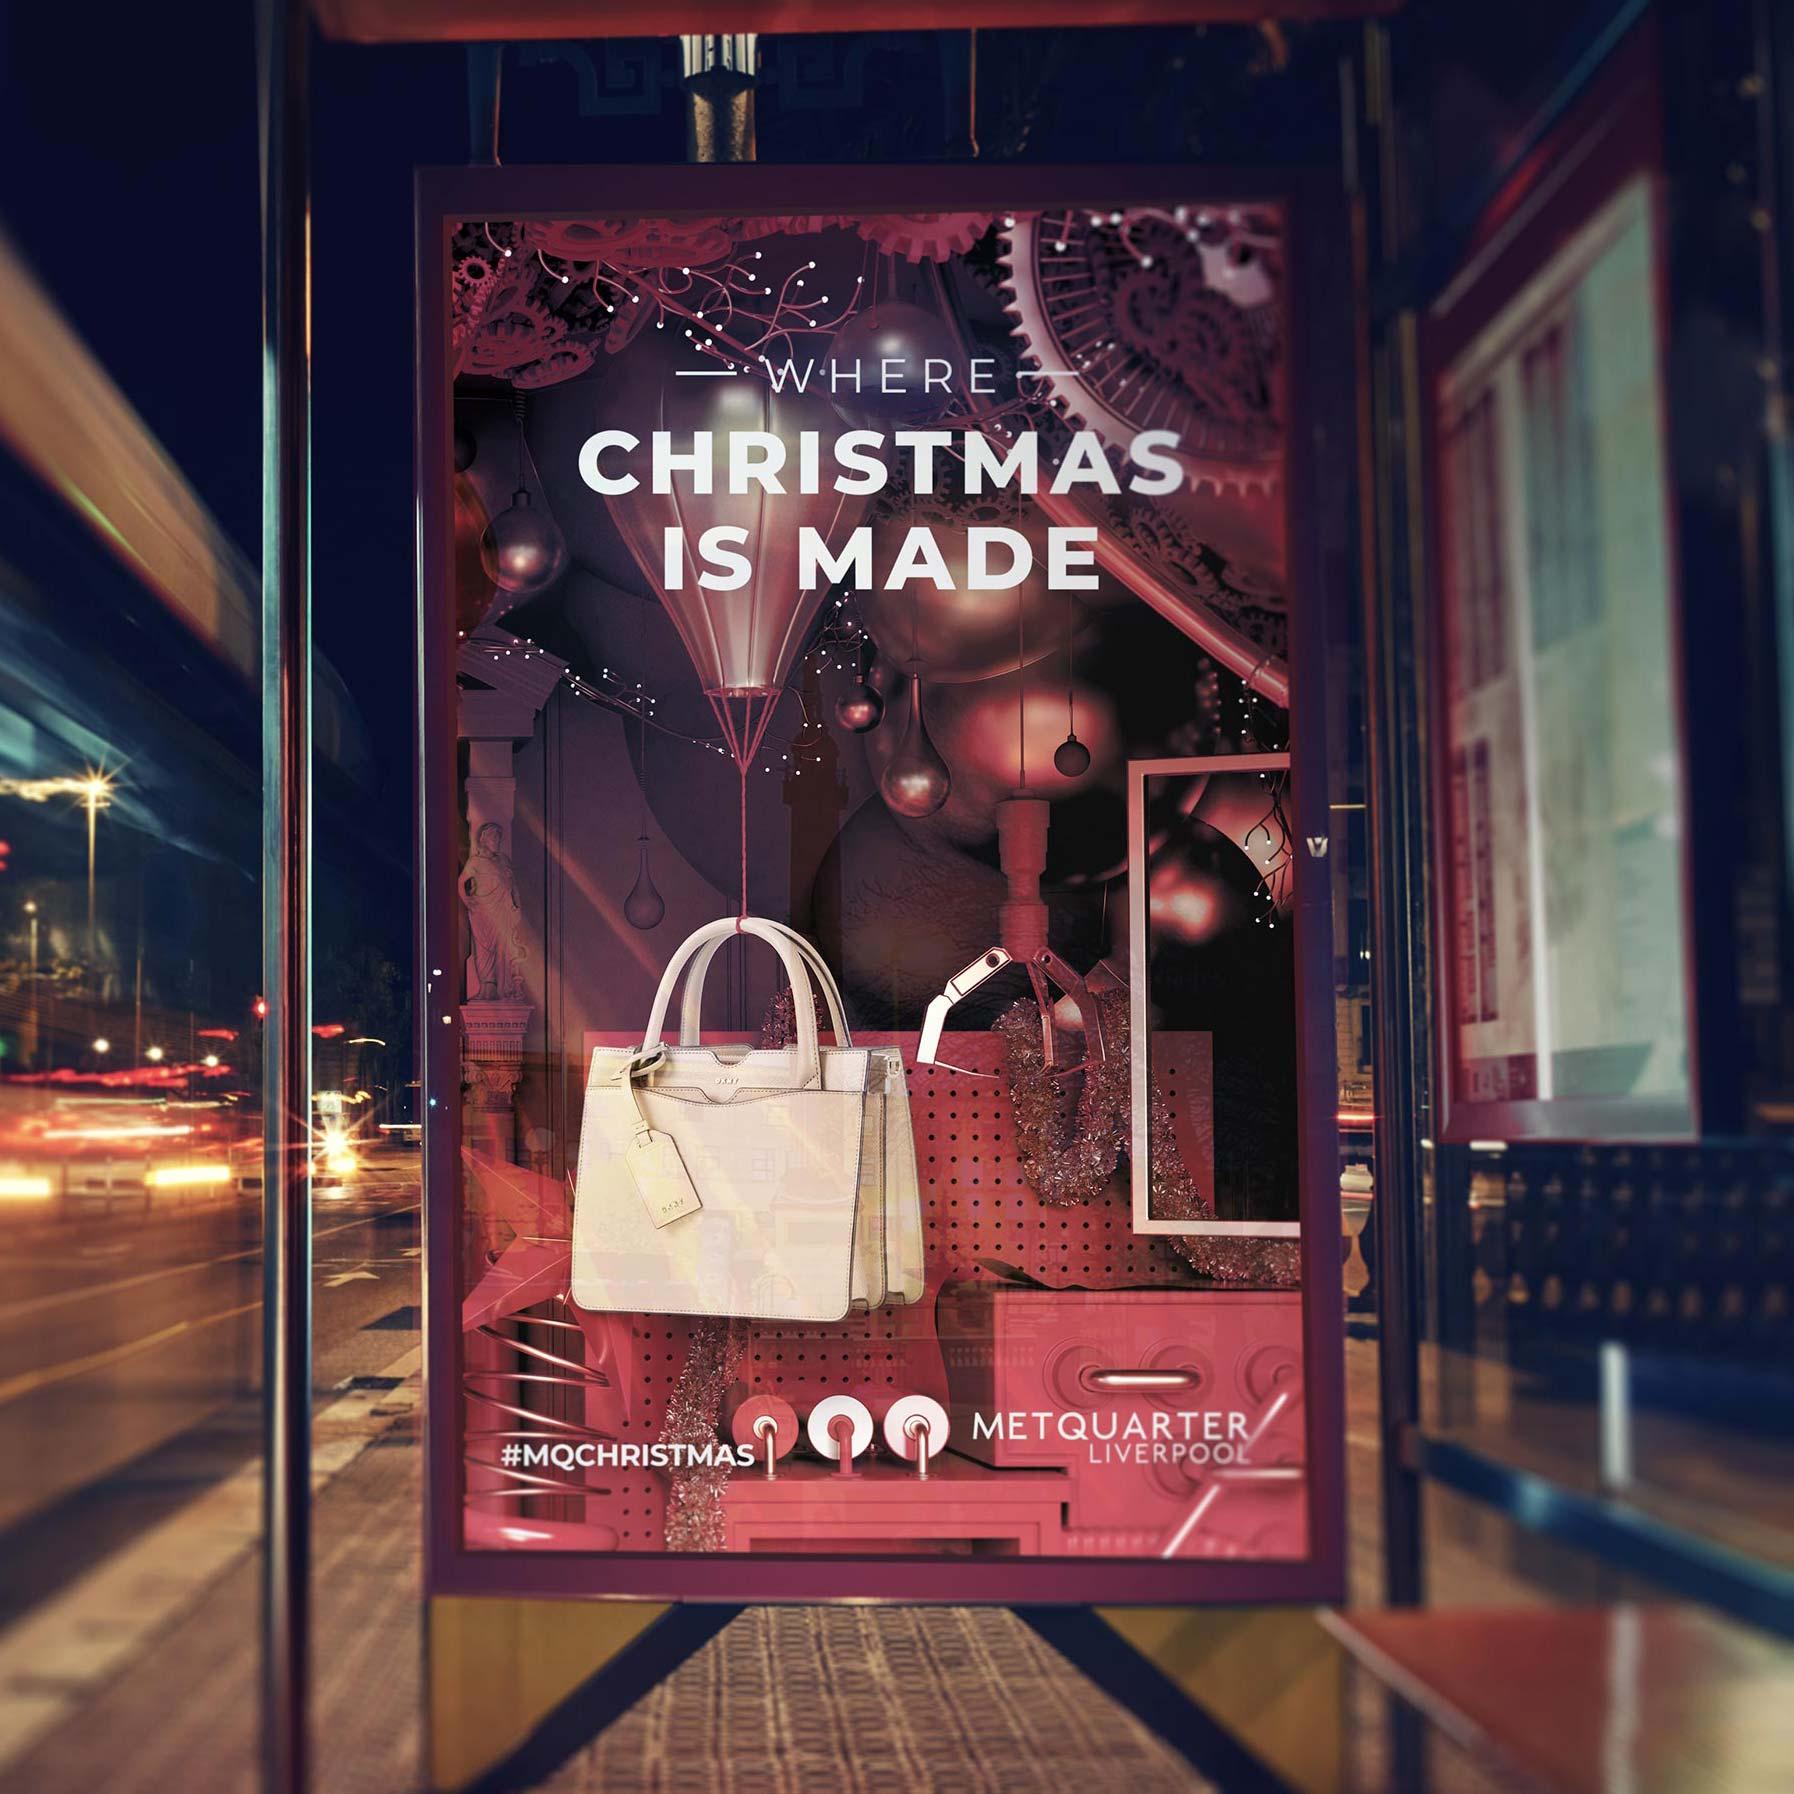 Metquarter, ngon, manchester agency, 3D design